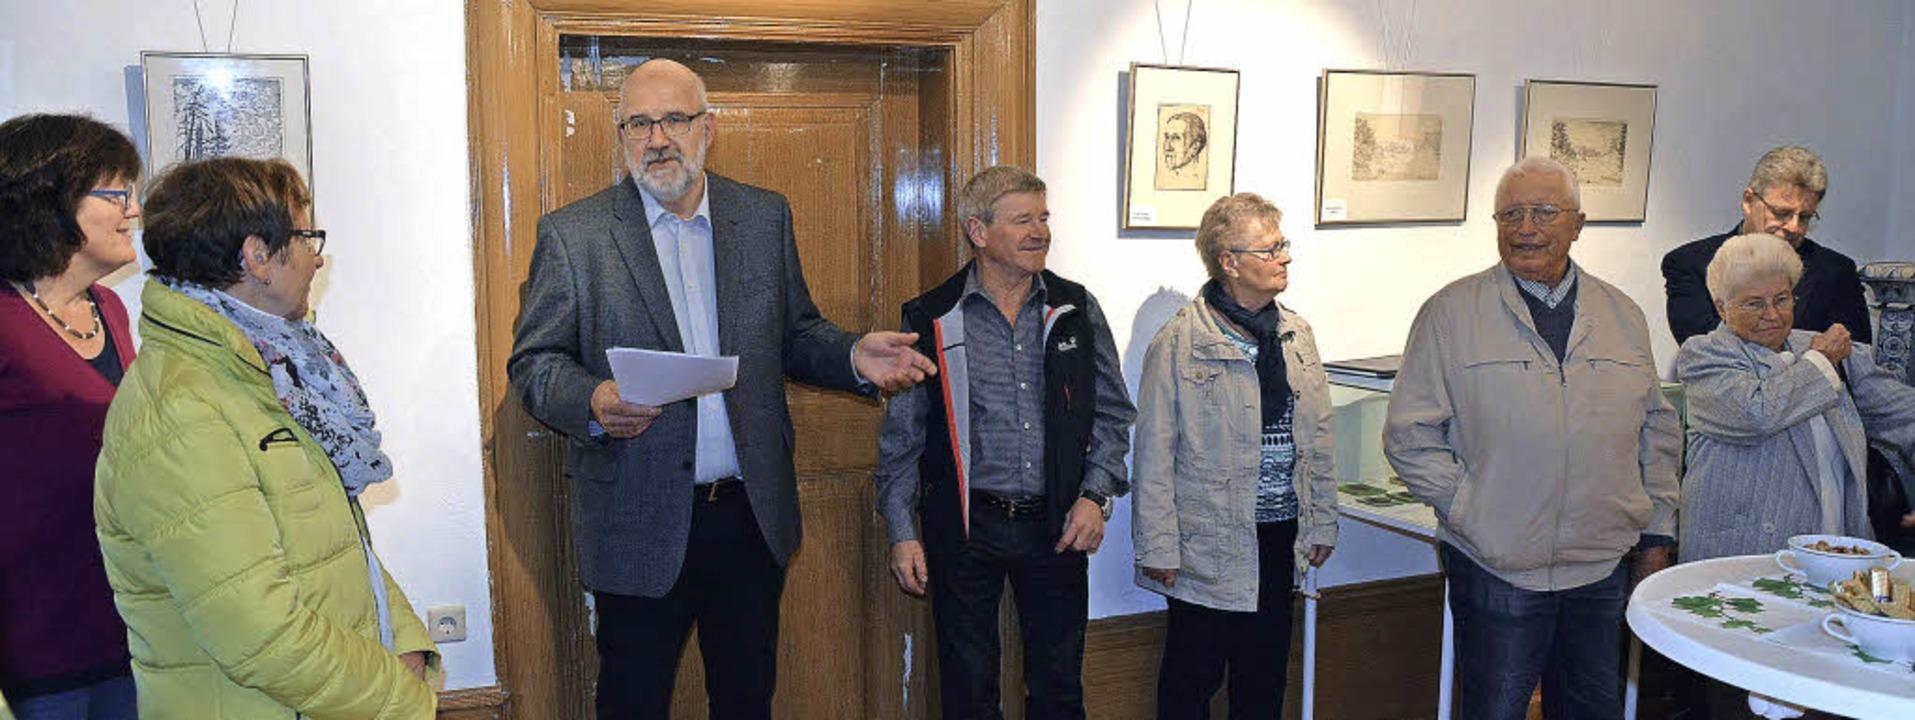 Günter Hoffmann (Dritter von links) gi...te so den Besuchern neue Blickwinkel.   | Foto: Patrick Burger